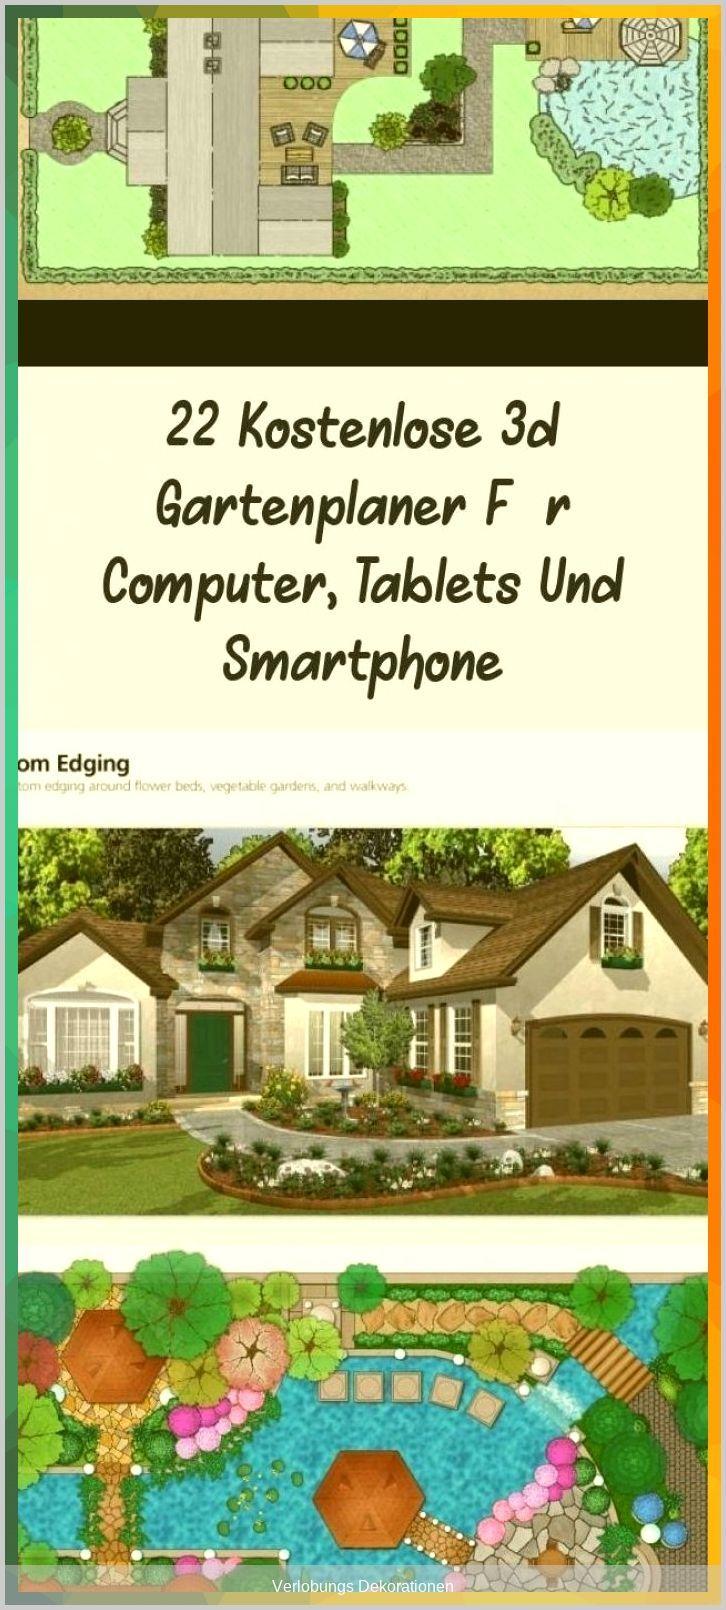 Verlobungsdekorationen Planer Landschaftsbau Online Software Mein Schoener Ga In 2020 House Styles Mansions Garten